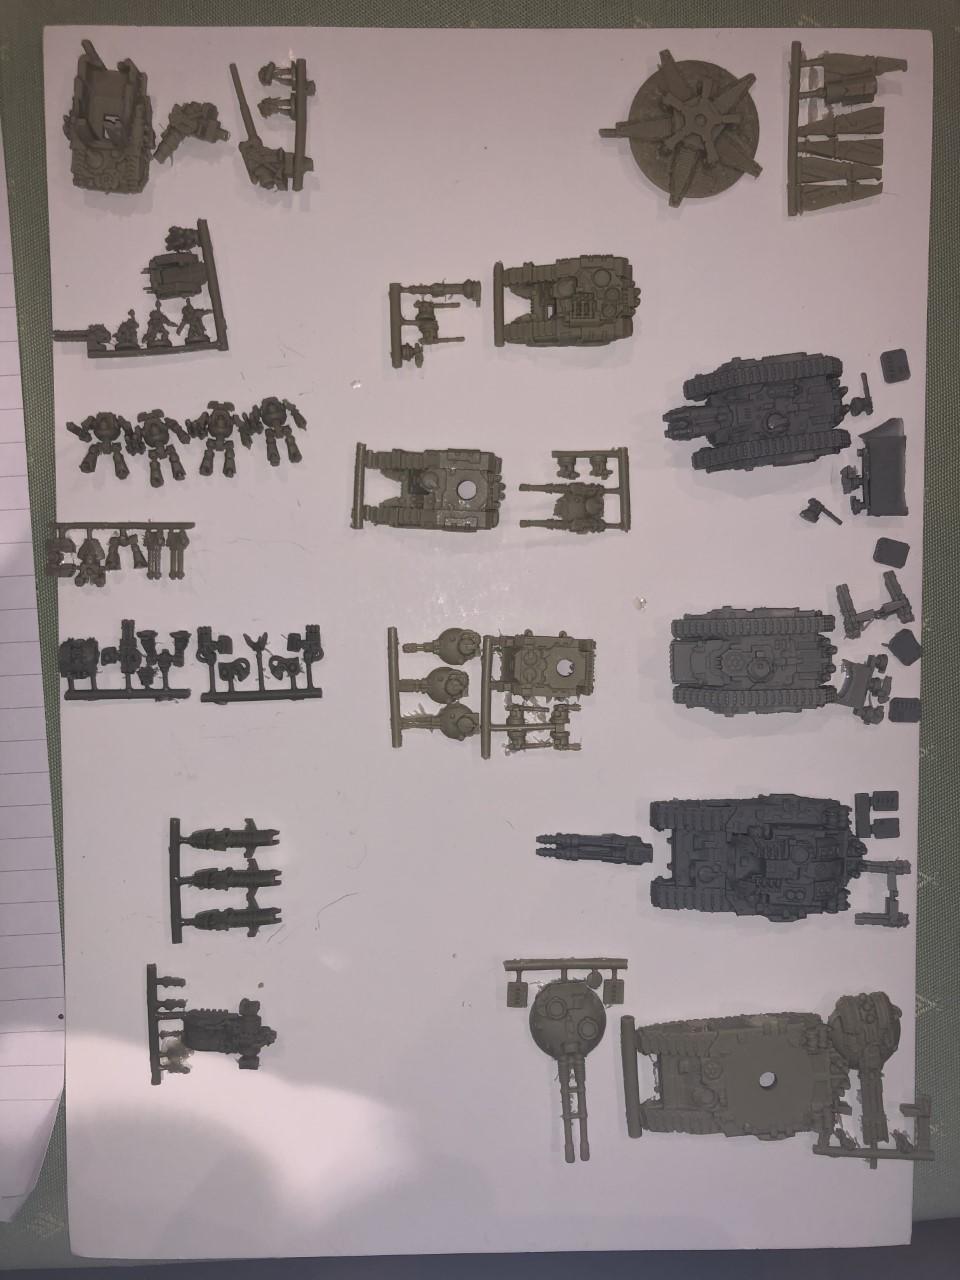 [Vente] Armée 30K forumware Vzohic10